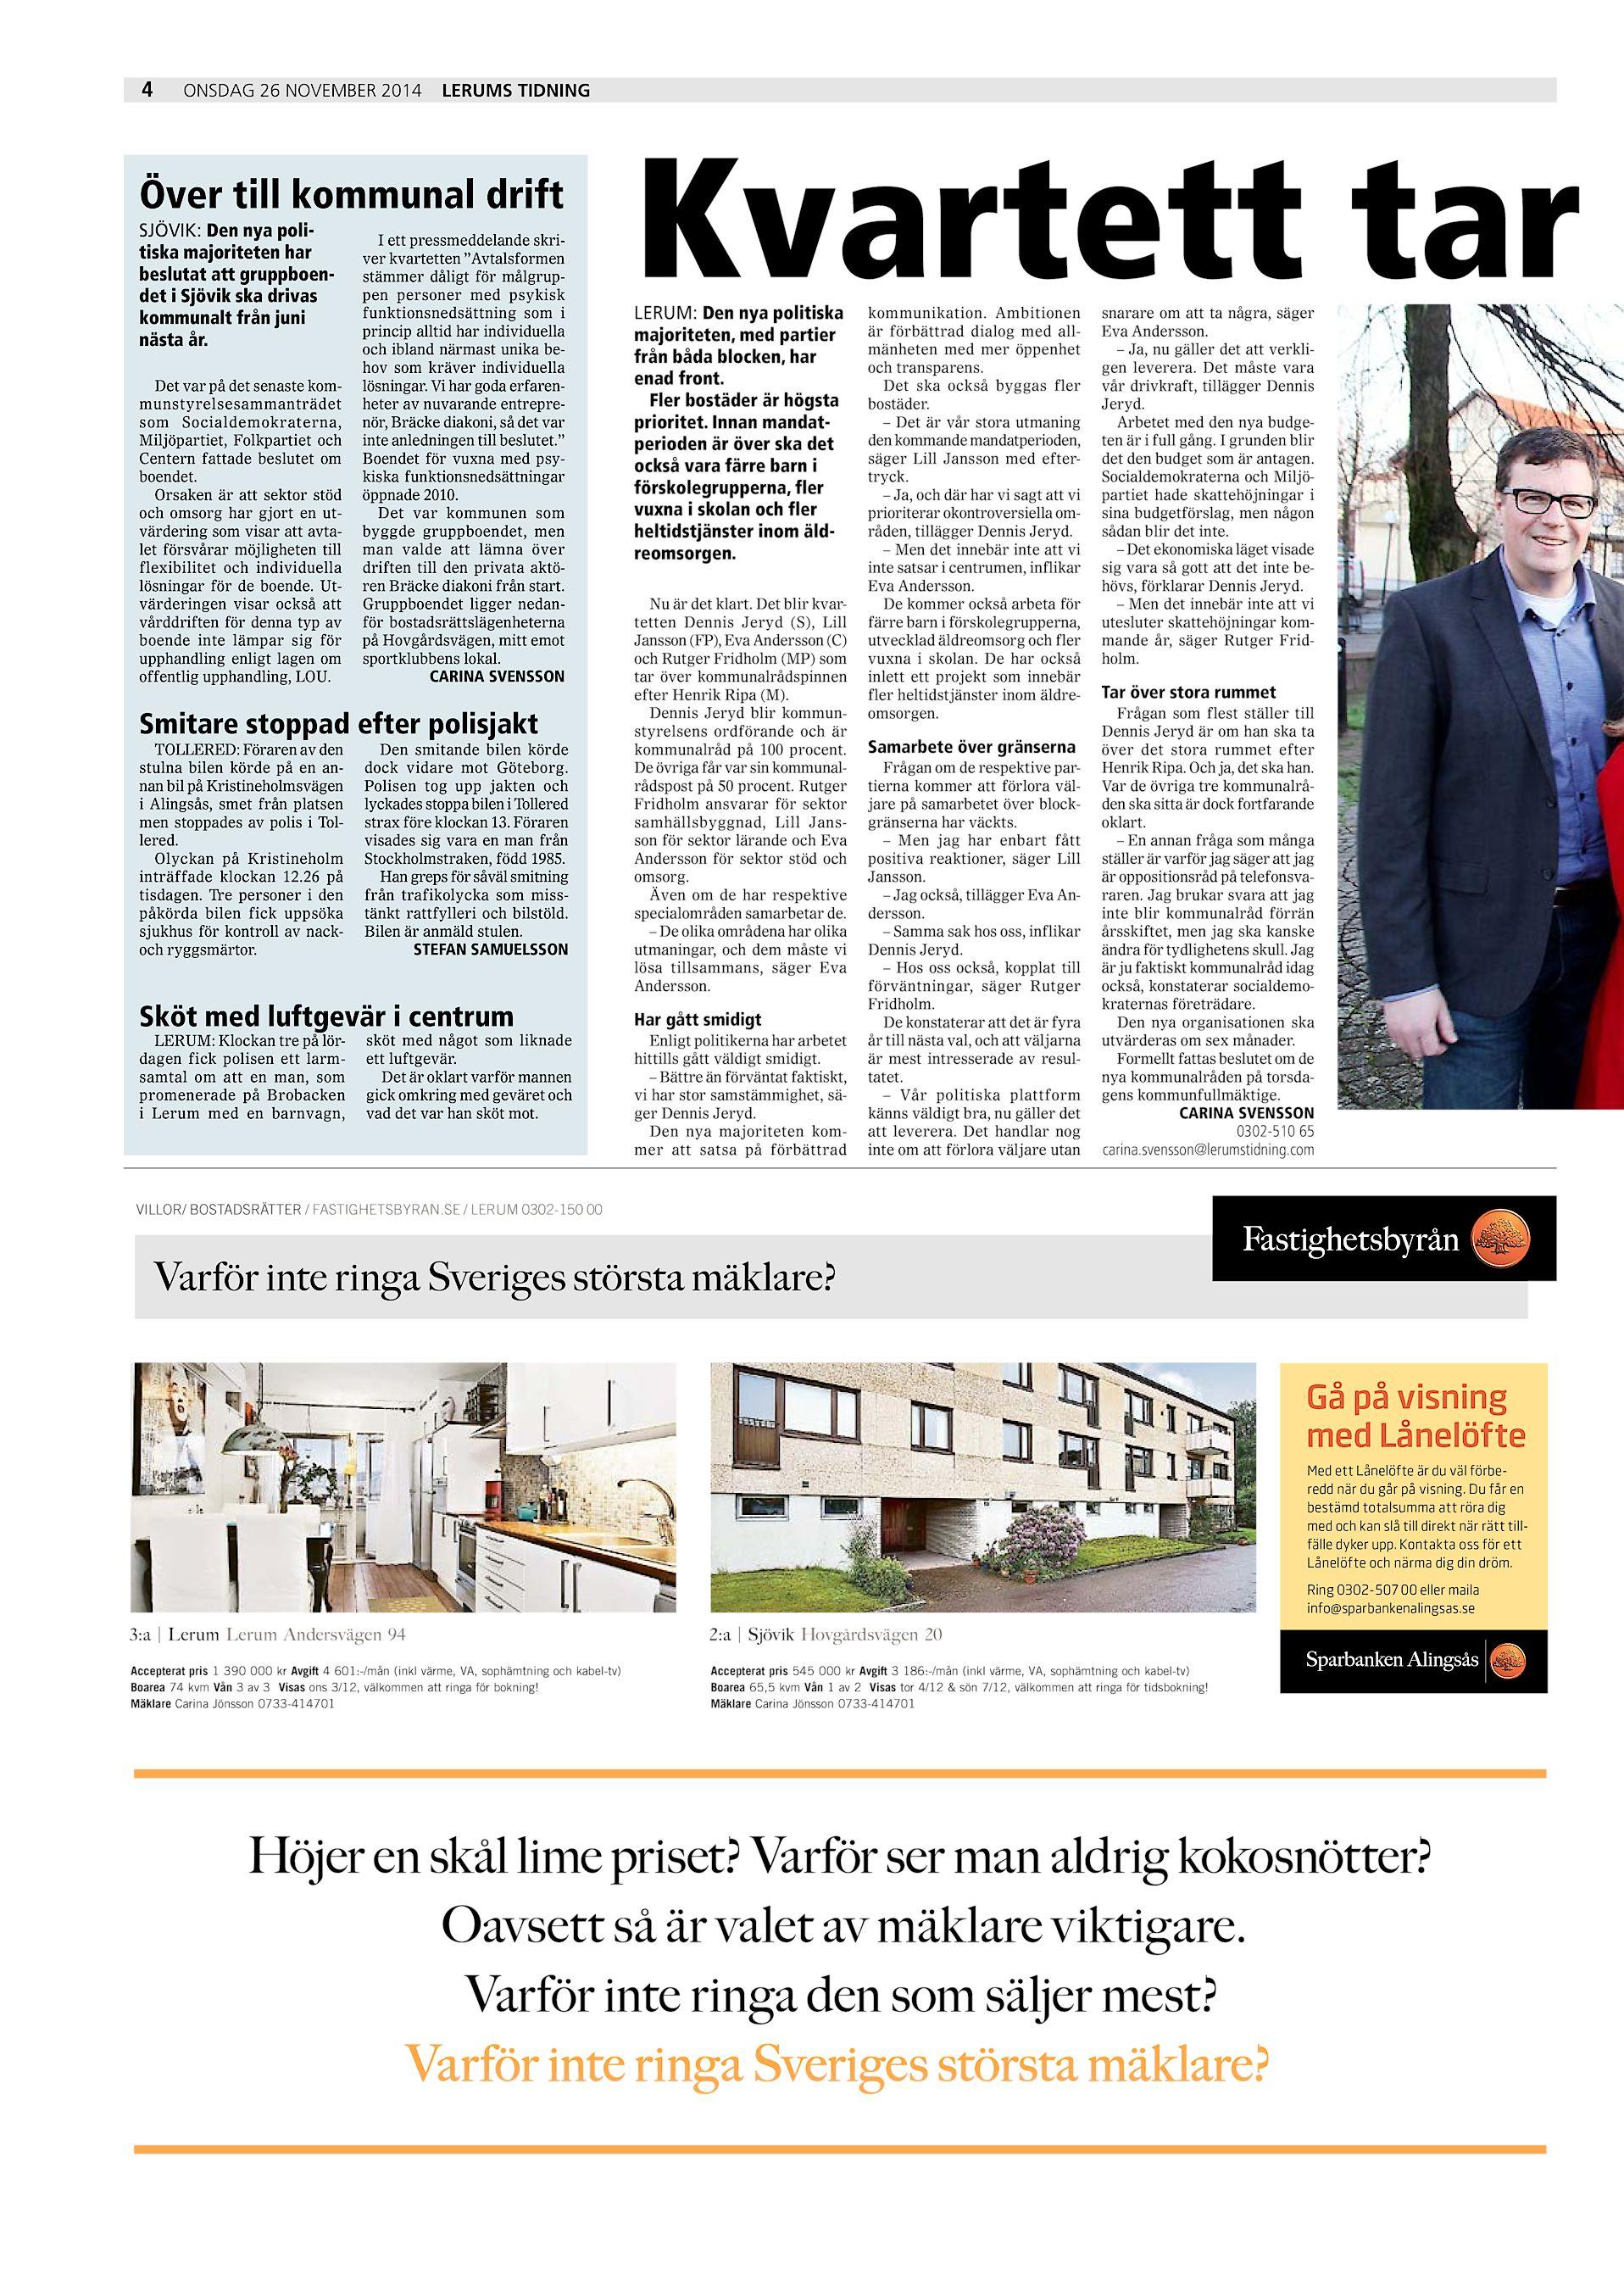 51be2ef97102 ... Tidning Över till kommunal drift SJÖVIK: Den nya politiska majoriteten  har beslutat att gruppboendet i Sjövik ska drivas kommunalt från juni nästa  år.